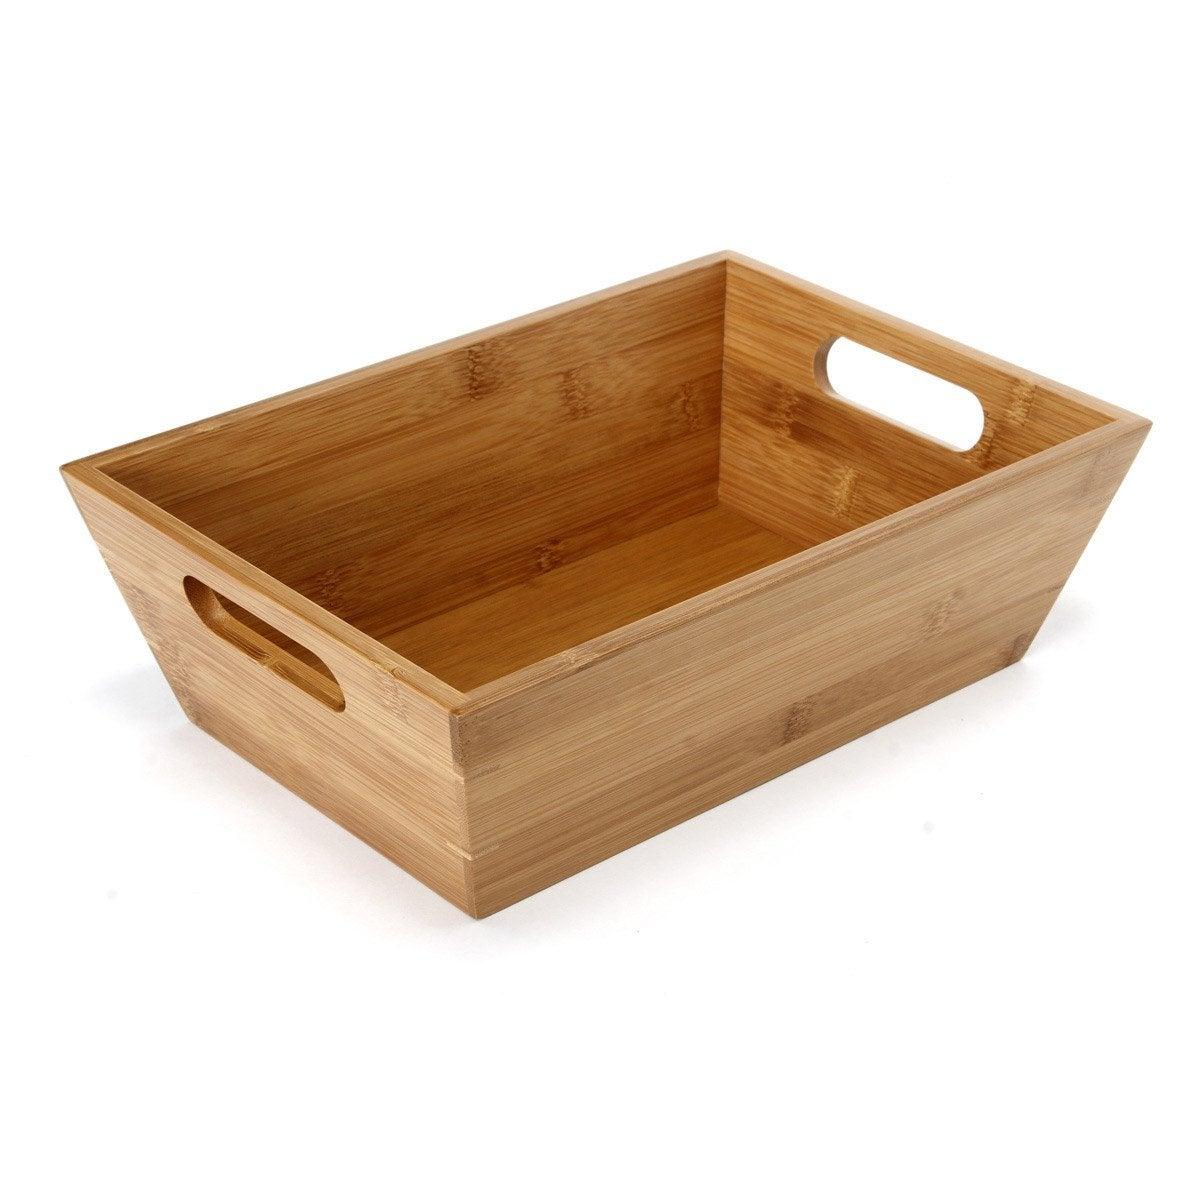 panier en bois naturel bambou leroy merlin. Black Bedroom Furniture Sets. Home Design Ideas